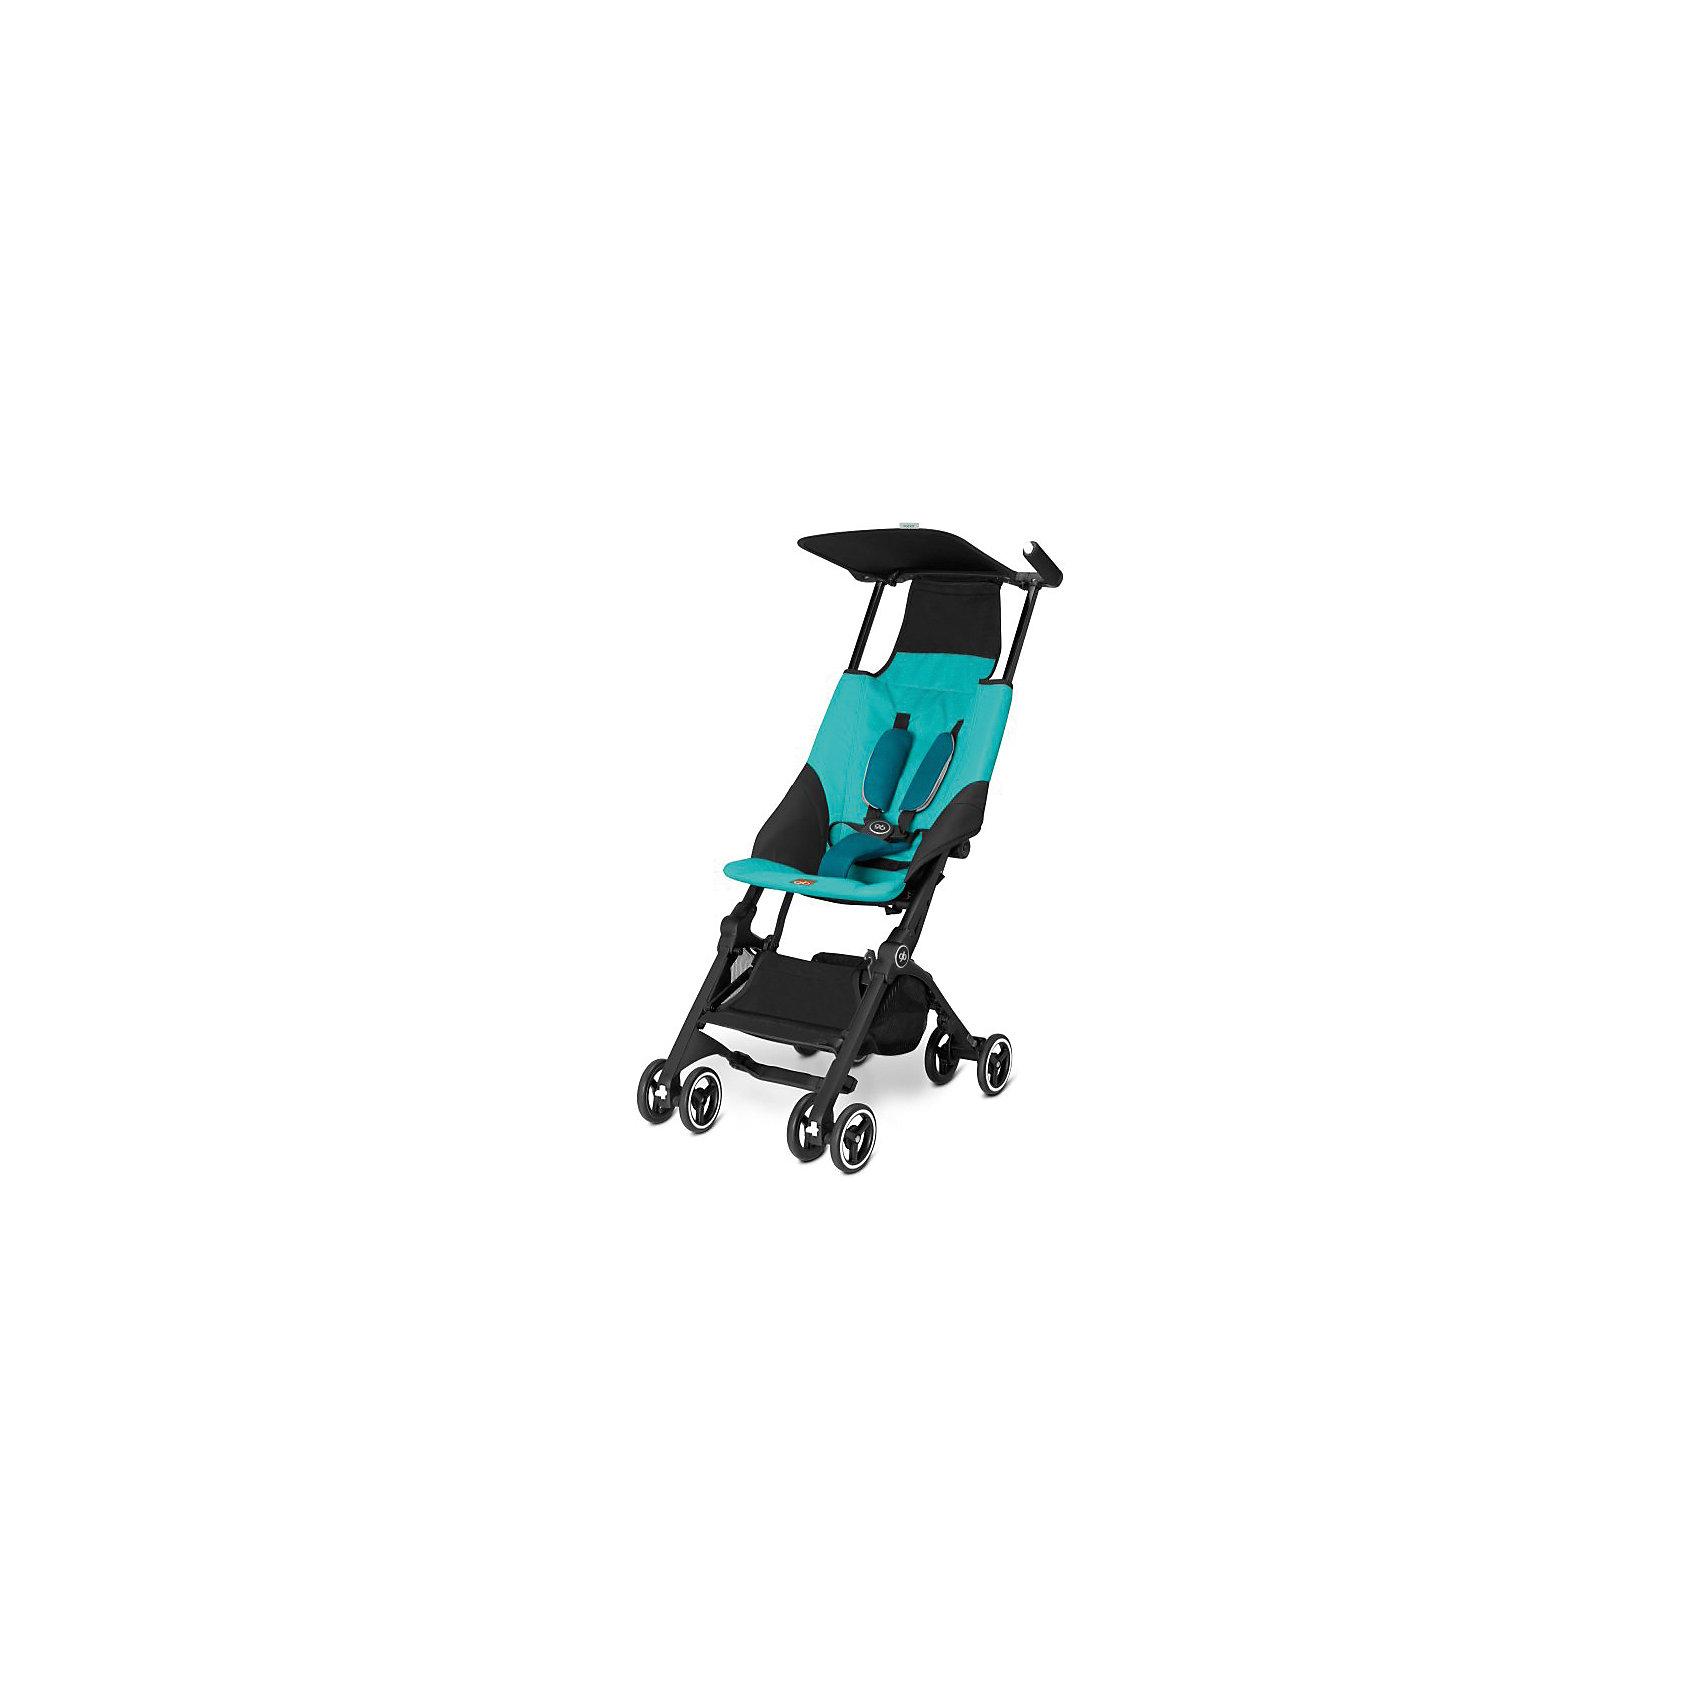 Прогулочная коляска GB pockit, Capri BlueПрогулочные коляски<br>Характеристики коляски GB Pockit<br><br>Прогулочный блок:<br><br>• 5-ти точечные ремни безопасности с мягкими съемными накладками на кпопках;<br>• навесной козырек, полностью убирается за спинку коляски;<br>• съемный для стирки чехол прогулочного блока;<br>• материал: пластик, полиэстер.<br><br>Рама коляски:<br><br>• сдвоенные колеса: передние поворотные с блокировкой, задние оснащены тормозом;<br>• имеется корзина для покупок, объем 8 л;<br>• компактное складывание с защитой от раскладывания;<br>• 2 способа складывания;<br>• механизм складывания: книжка, колеса обращены друг к другу;<br>• материал: алюминий.<br><br>Допустимая нагрузка: до 17 кг<br>Размер коляски: 72х43х99 см<br>Размер коляски в сложенном виде: 30х18х35 см<br>Размер упаковки: 90х40х40 см<br>Вес коляски: 4,3 кг<br>Вес в упаковке: 6 кг<br><br>Супер компактная коляска Pockit в сложенном виде напоминает женскую сумку. Колеса направлены внутрь, коляска в сложенном виде фиксируется с помощью специального механизма. Прогулочный блок оснащен ремнями безопасности, которые снабжены съемными плечевыми накладками. Козырек от солнца можно полностью убрать за спинку коляски. Корзина используется для транспортировки детских игрушек или немногочисленных покупок. <br><br>Прогулочную коляску pockit, GB, Capri Blue можно купить в нашем интернет-магазине.<br><br>Ширина мм: 900<br>Глубина мм: 400<br>Высота мм: 400<br>Вес г: 6000<br>Возраст от месяцев: 6<br>Возраст до месяцев: 36<br>Пол: Унисекс<br>Возраст: Детский<br>SKU: 5532640